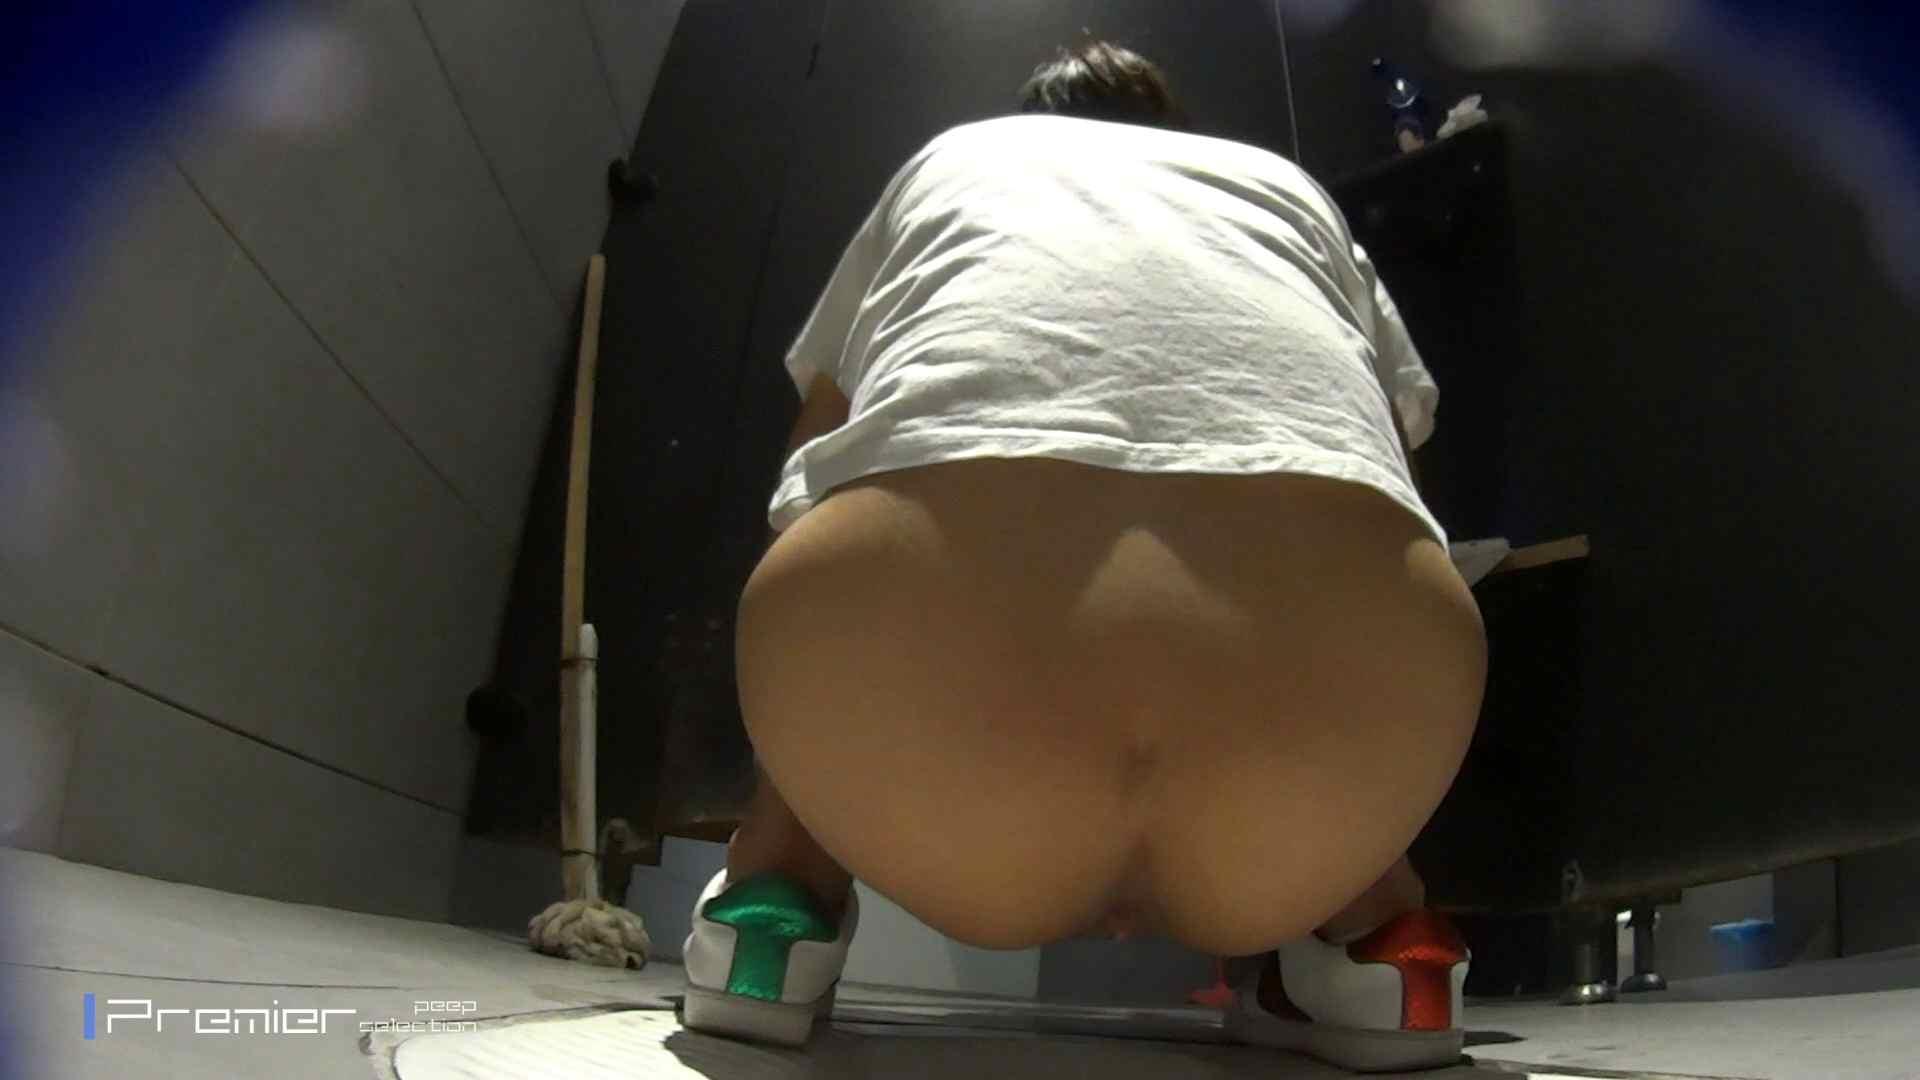 派手なスニーカーの女の子 大学休憩時間の洗面所事情63 お姉さん達のヌード | 美女達のヌード  95連発 9